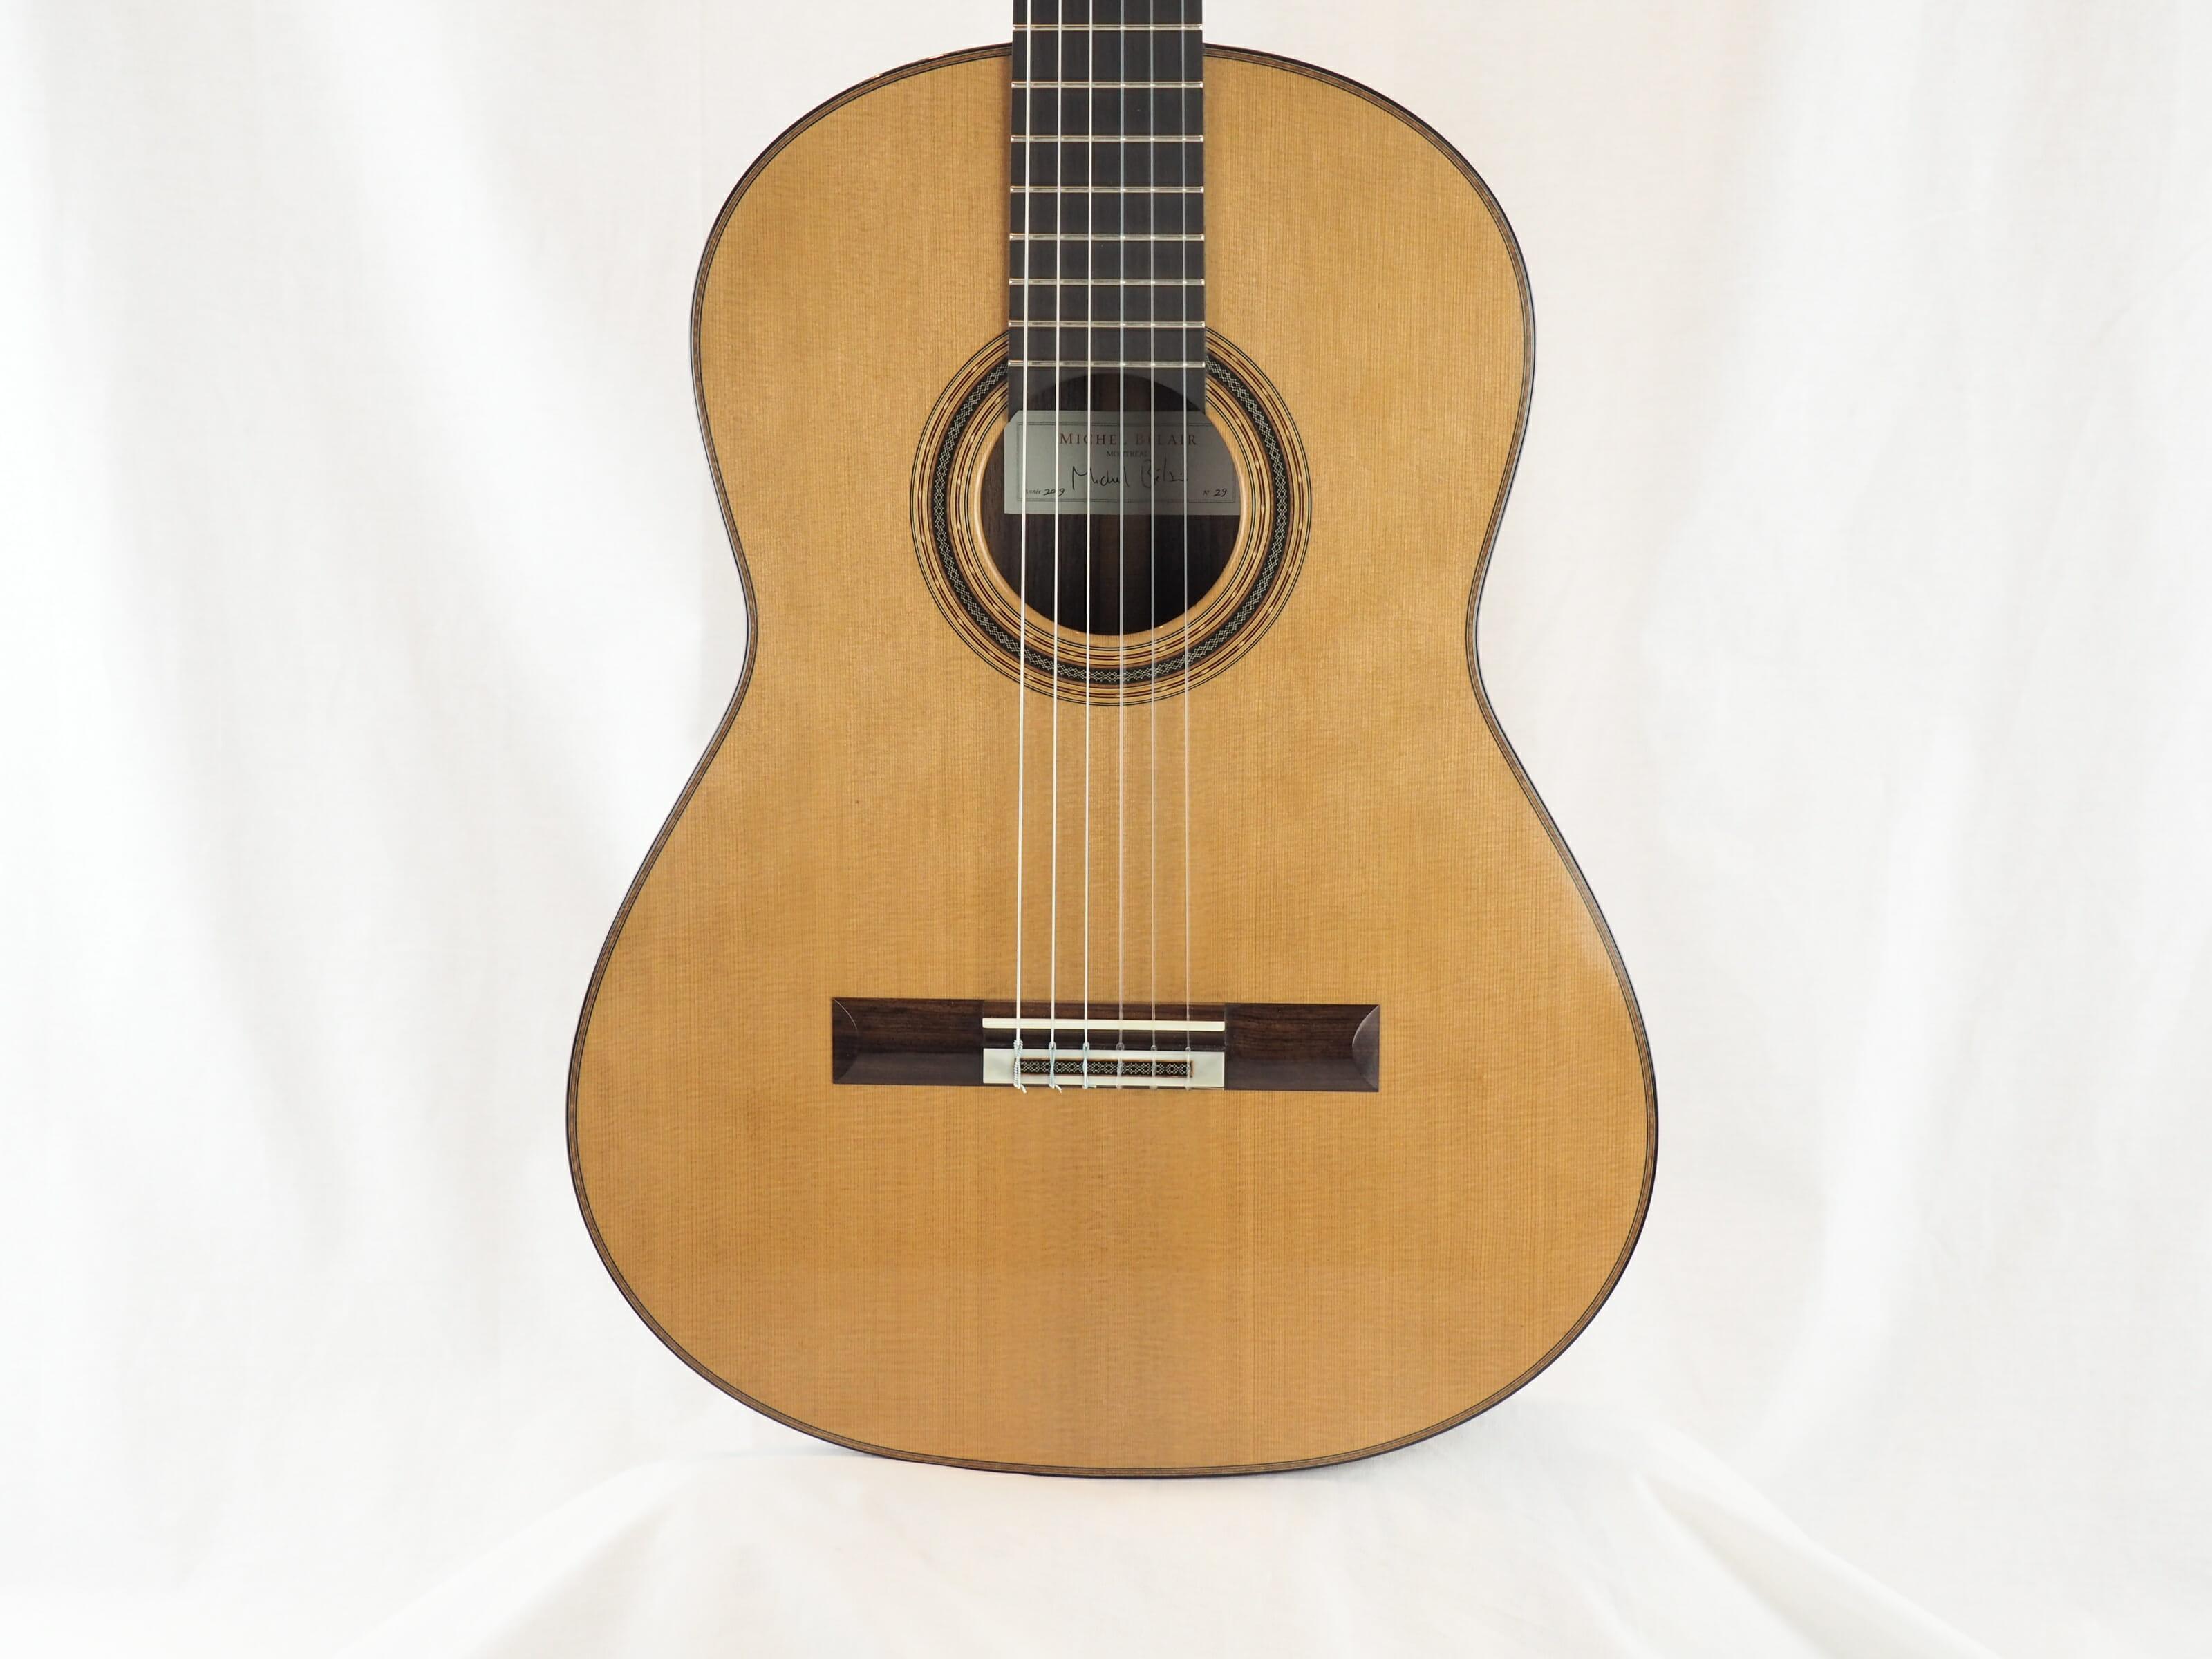 Michel Belair luthier guitare classique 2019 19BEL019-10